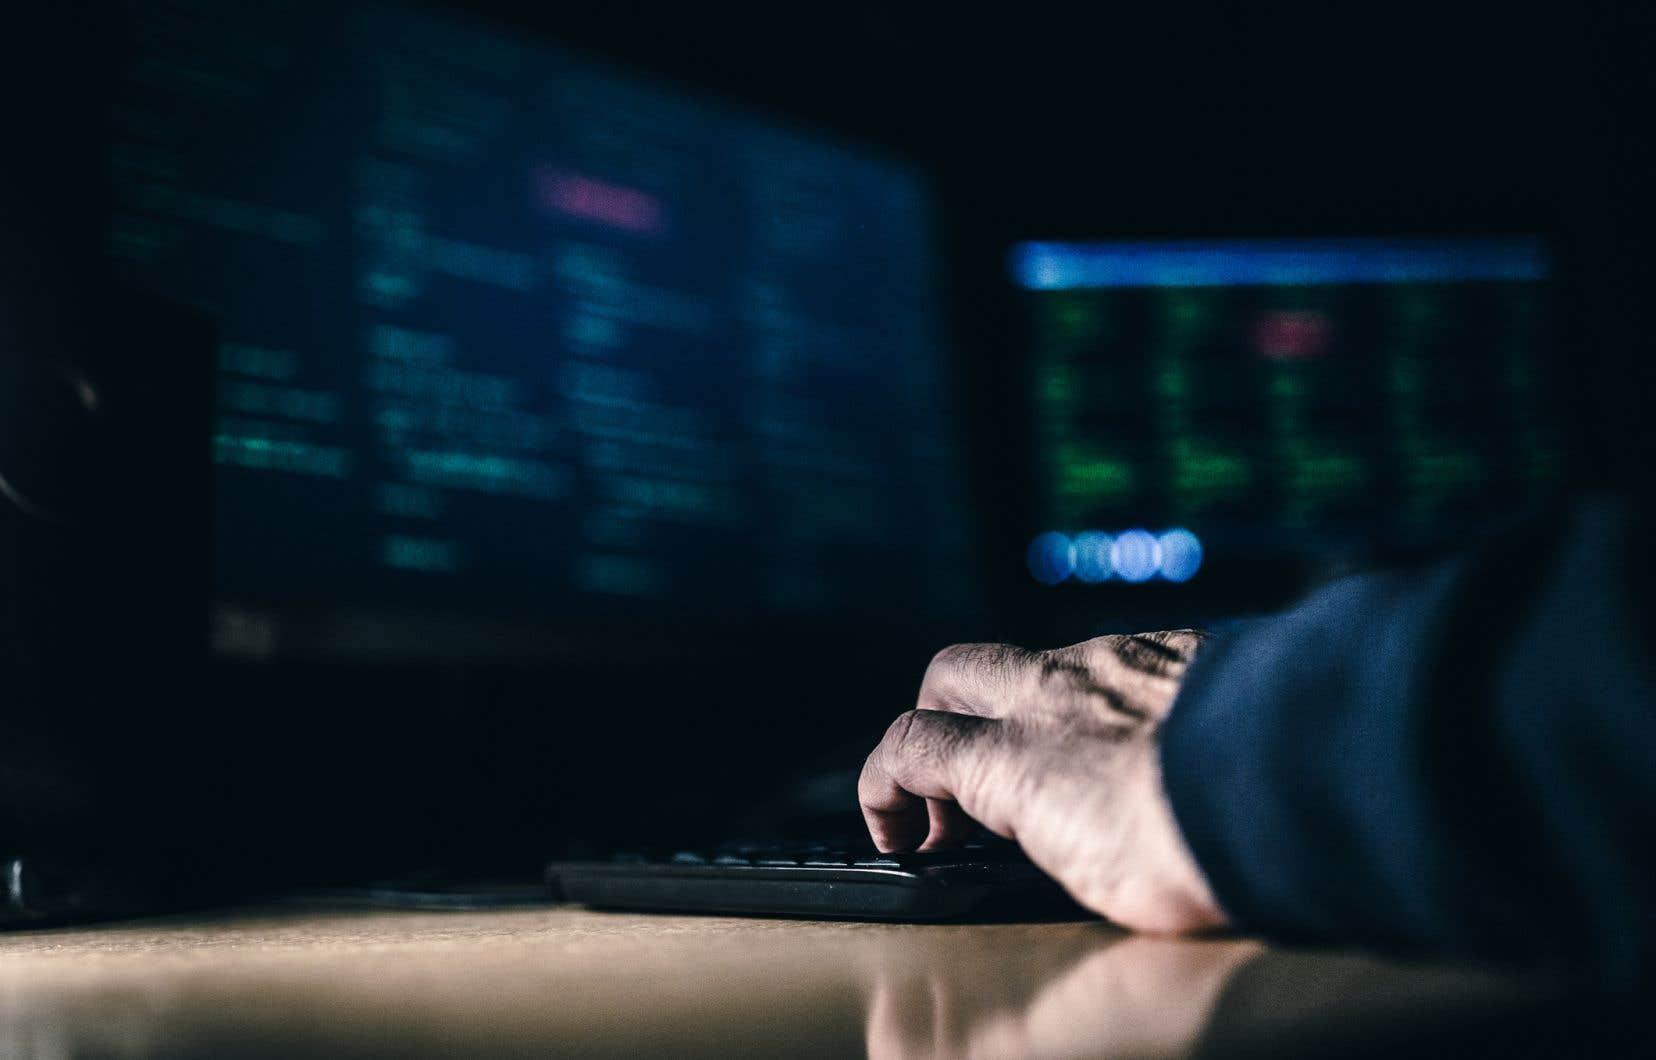 «Avec l'aide de l'intelligence artificielle, on peut mettre au jour certains comportements anormaux qui pourraient donner lieu à des cyberattaques ou à des fuites de données massives», précise Paria Shirani.